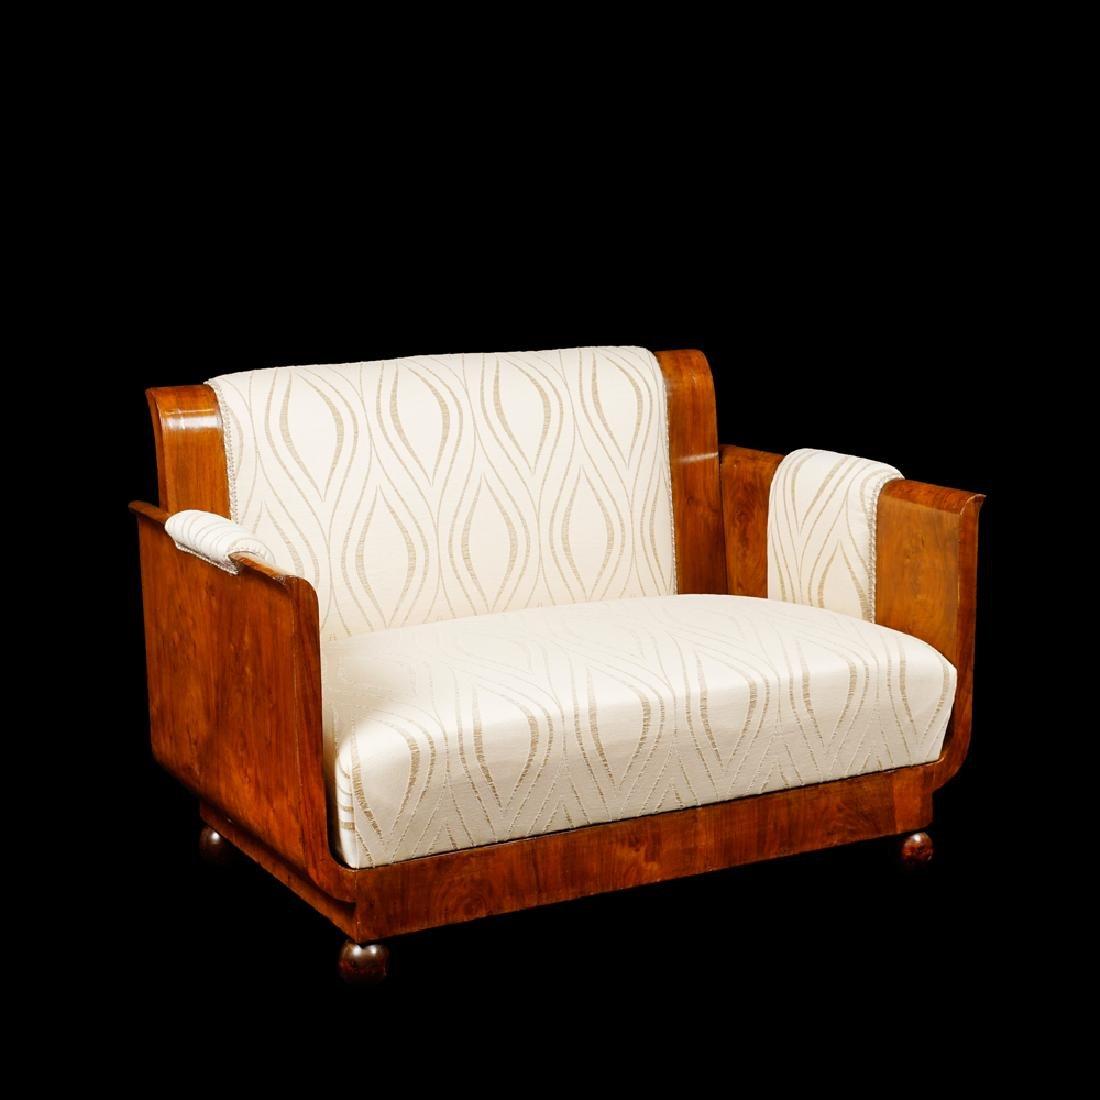 A Decò sofa France early 20th century 76x110x69 cm. - 2